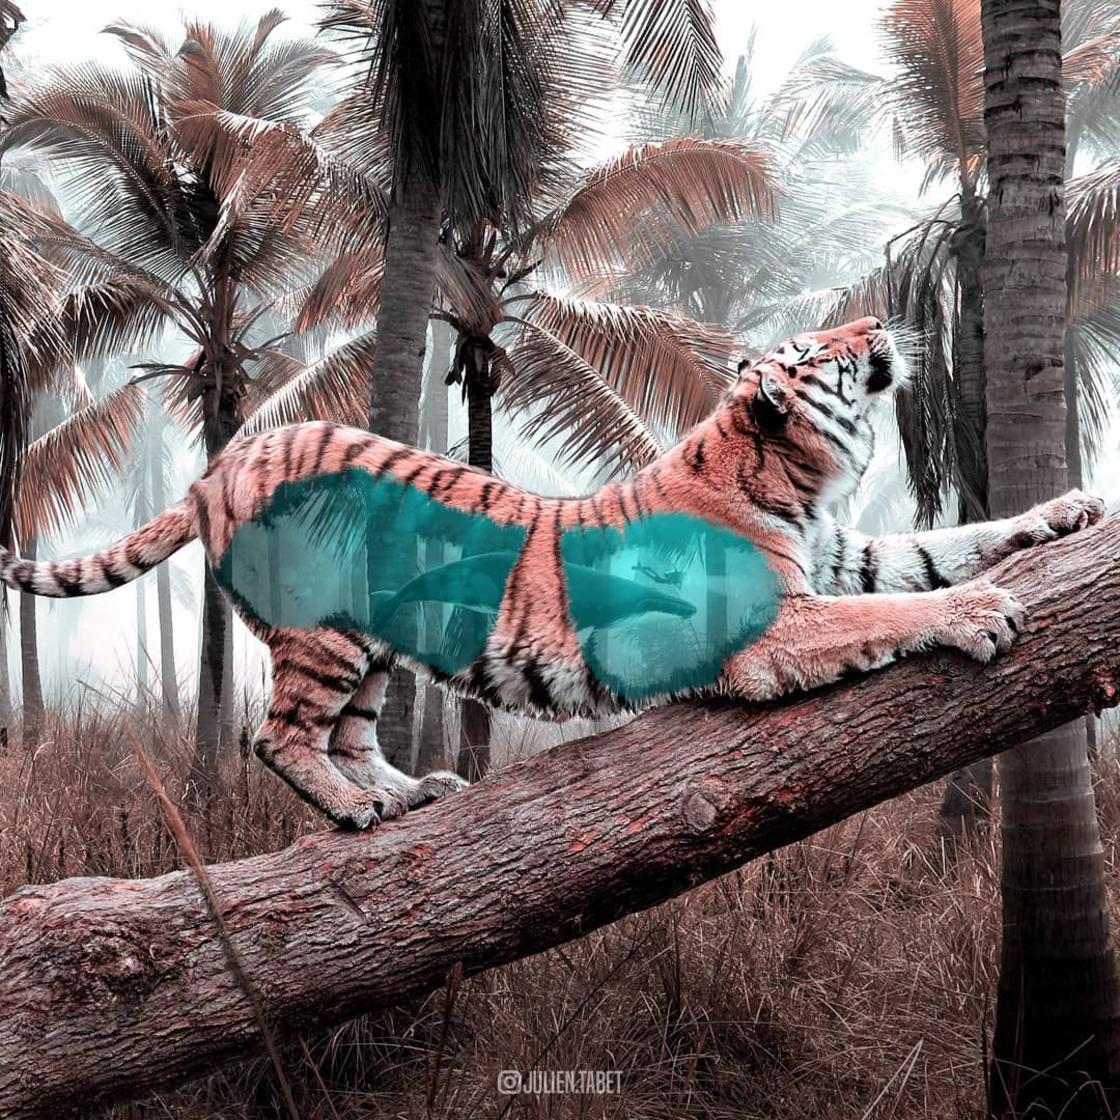 Le creazioni fantastiche di Julien Tabet | Collater.al 11